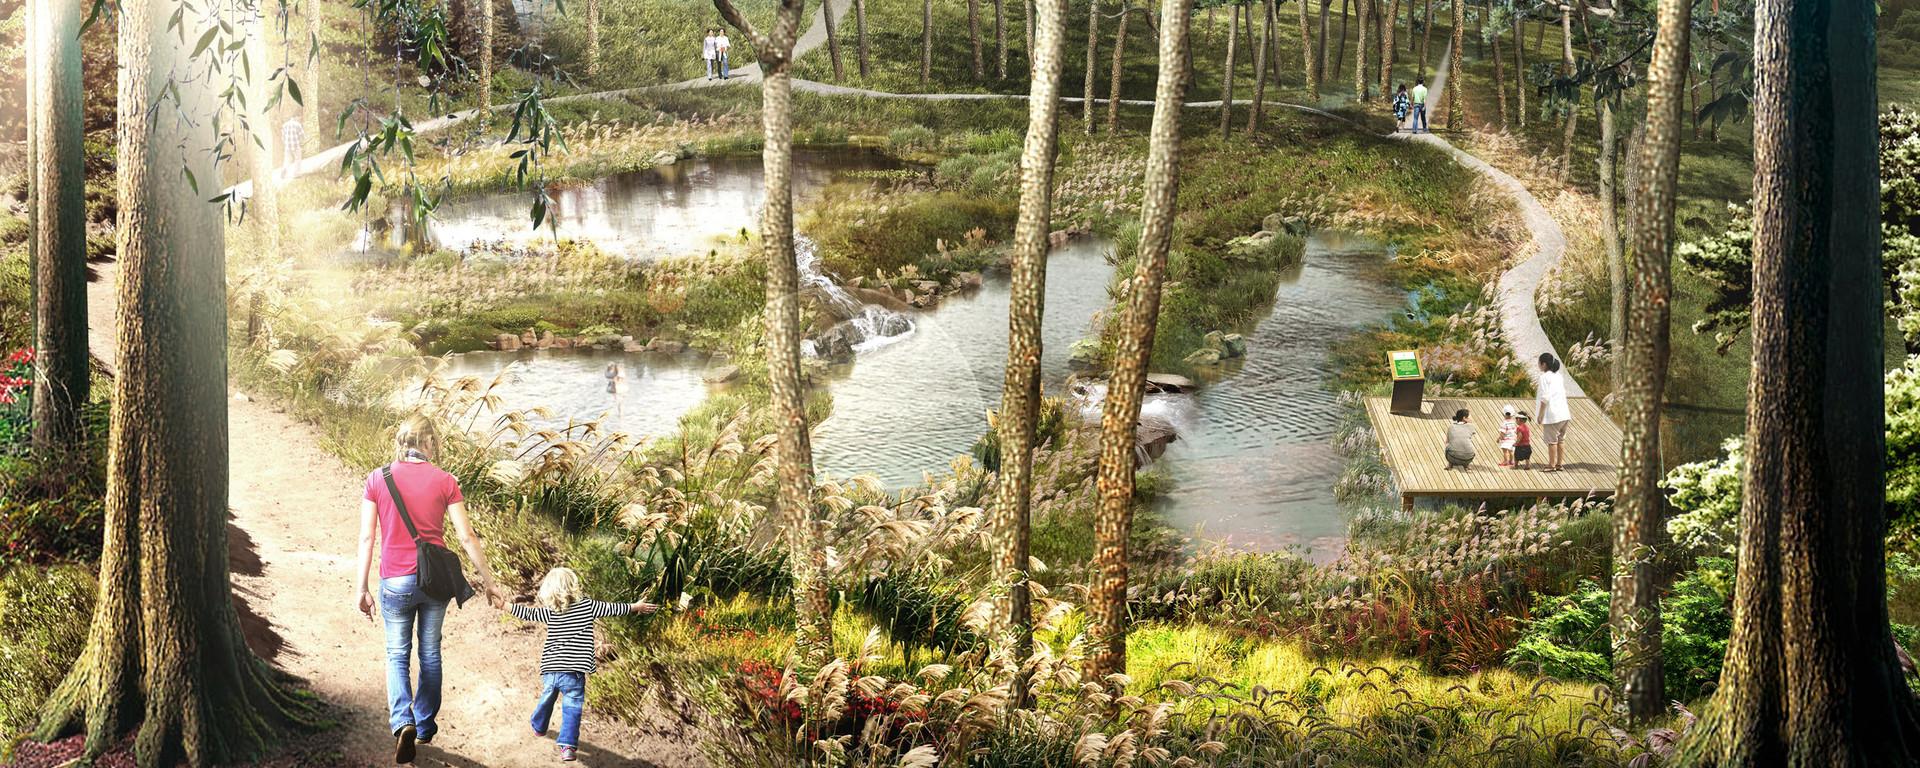 연지근린공원 소생태계 조성사업 현상공모 3.jpg